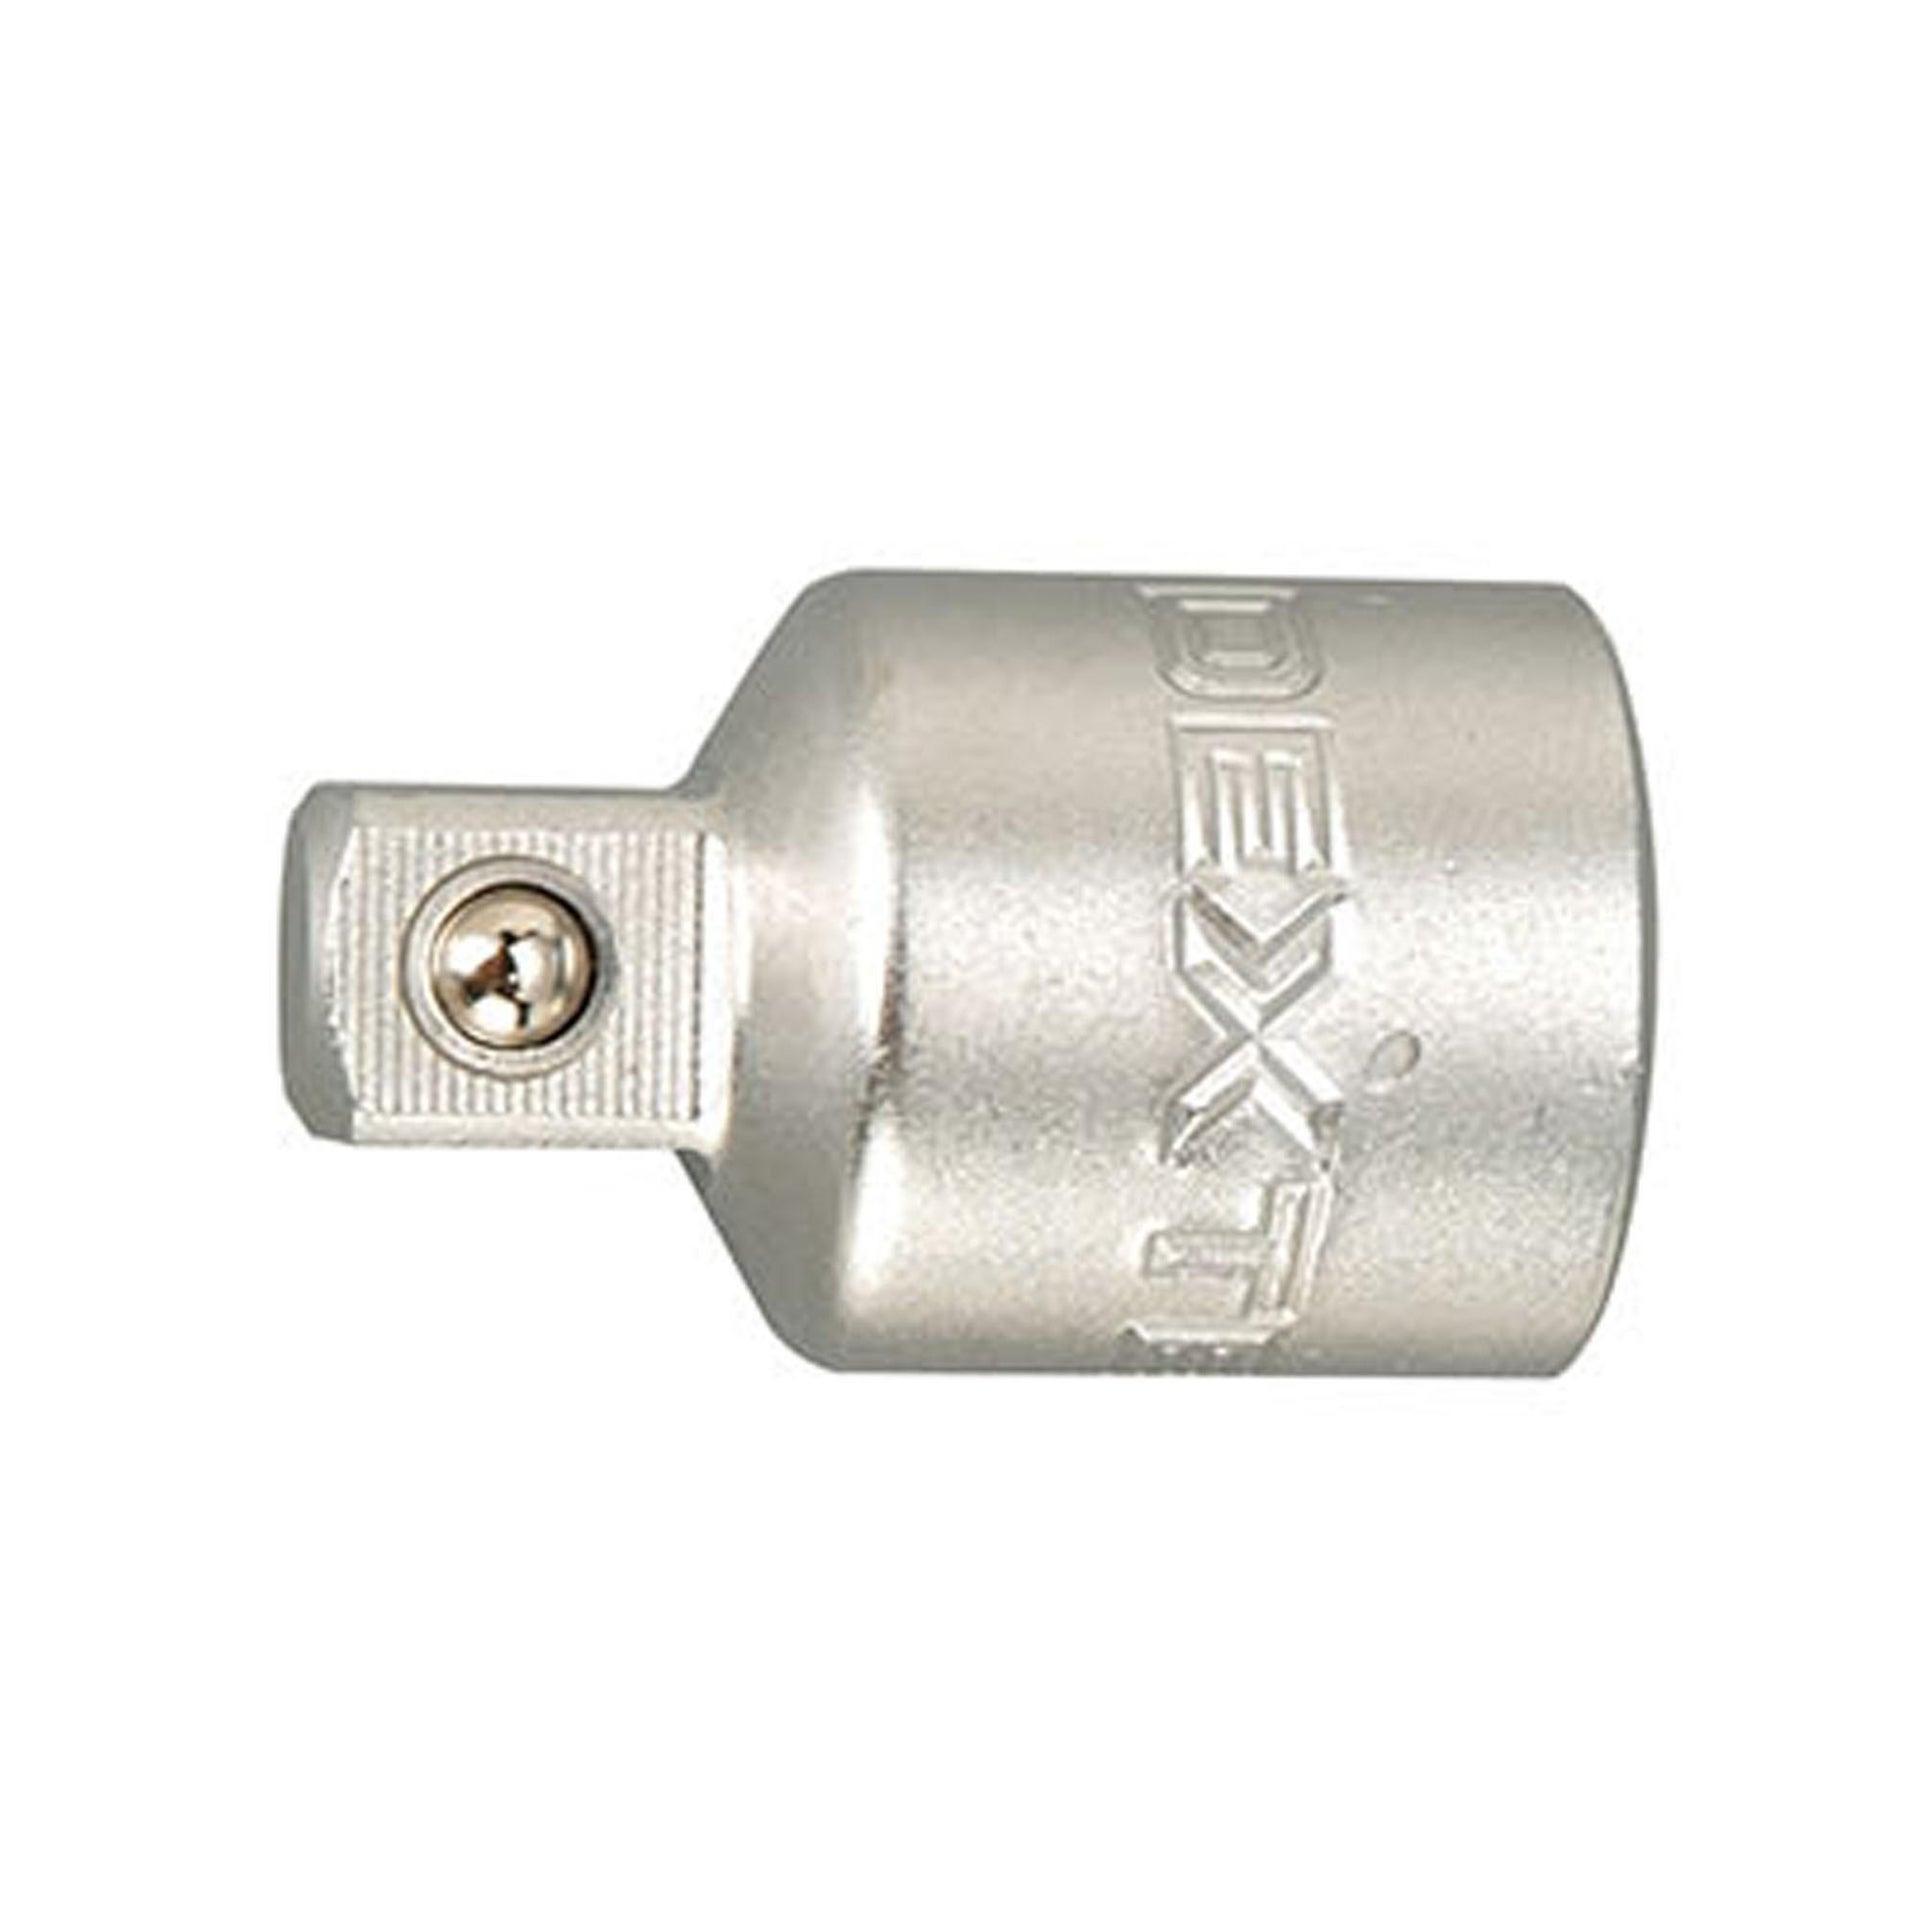 Adattatore per chiave a tubo DEXTER L 44 mm - 2